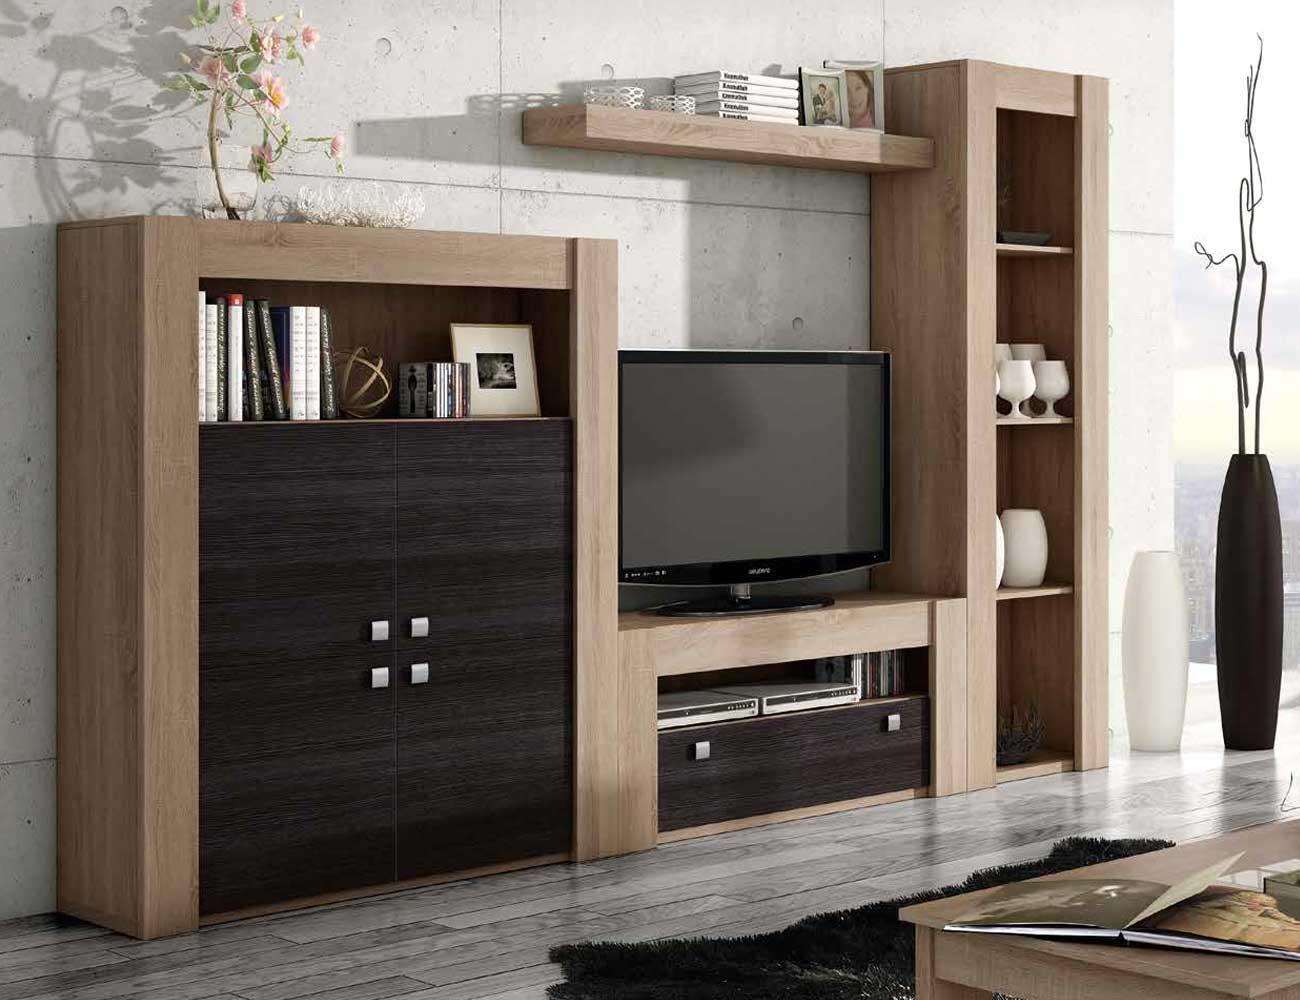 Mueble de sal n modular moderno en cambrian ceniza 2266 for Factory del mueble azuaga